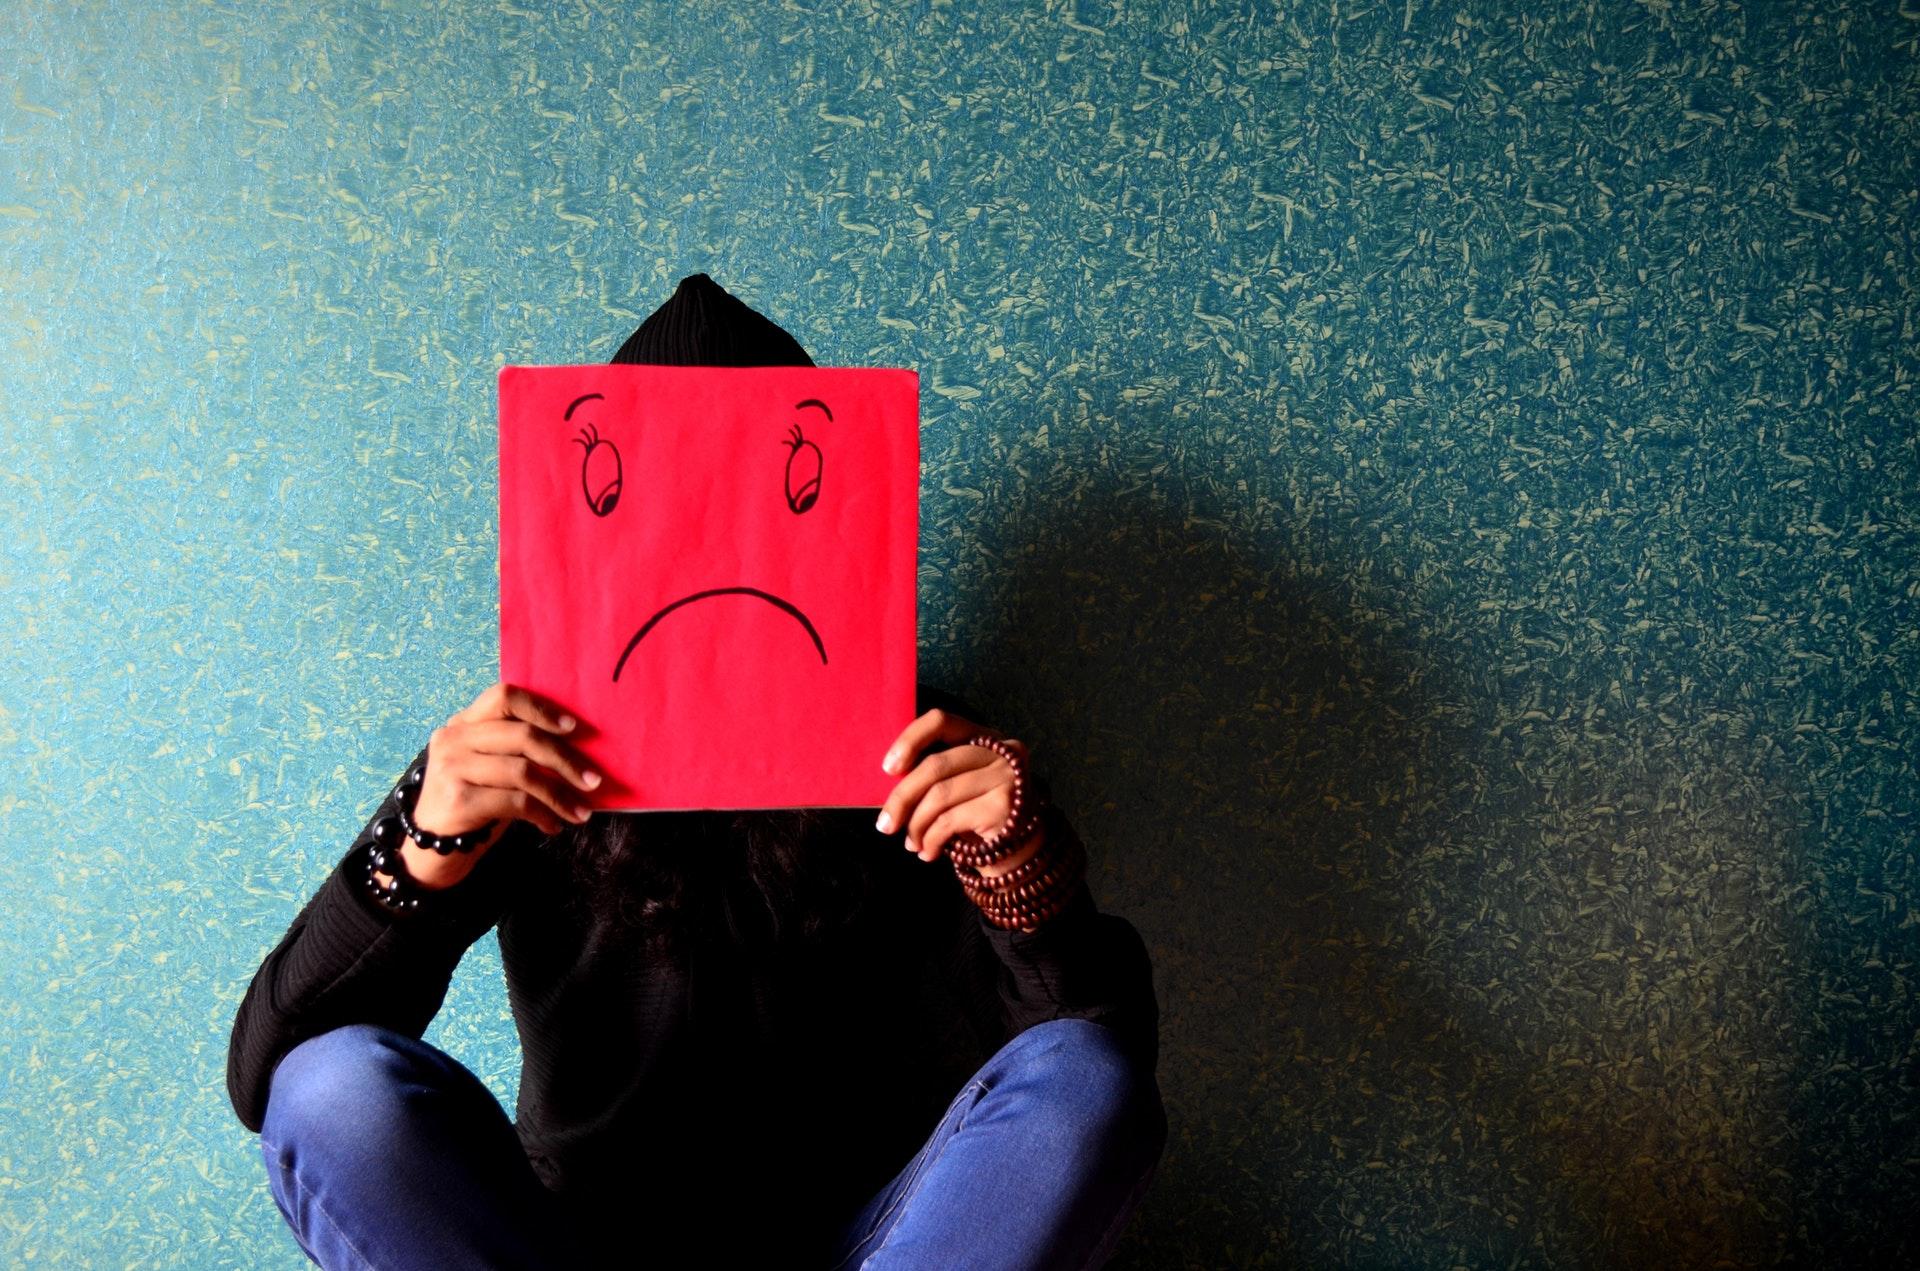 depresyon telefon verilerinden tespit edilebilir mi?